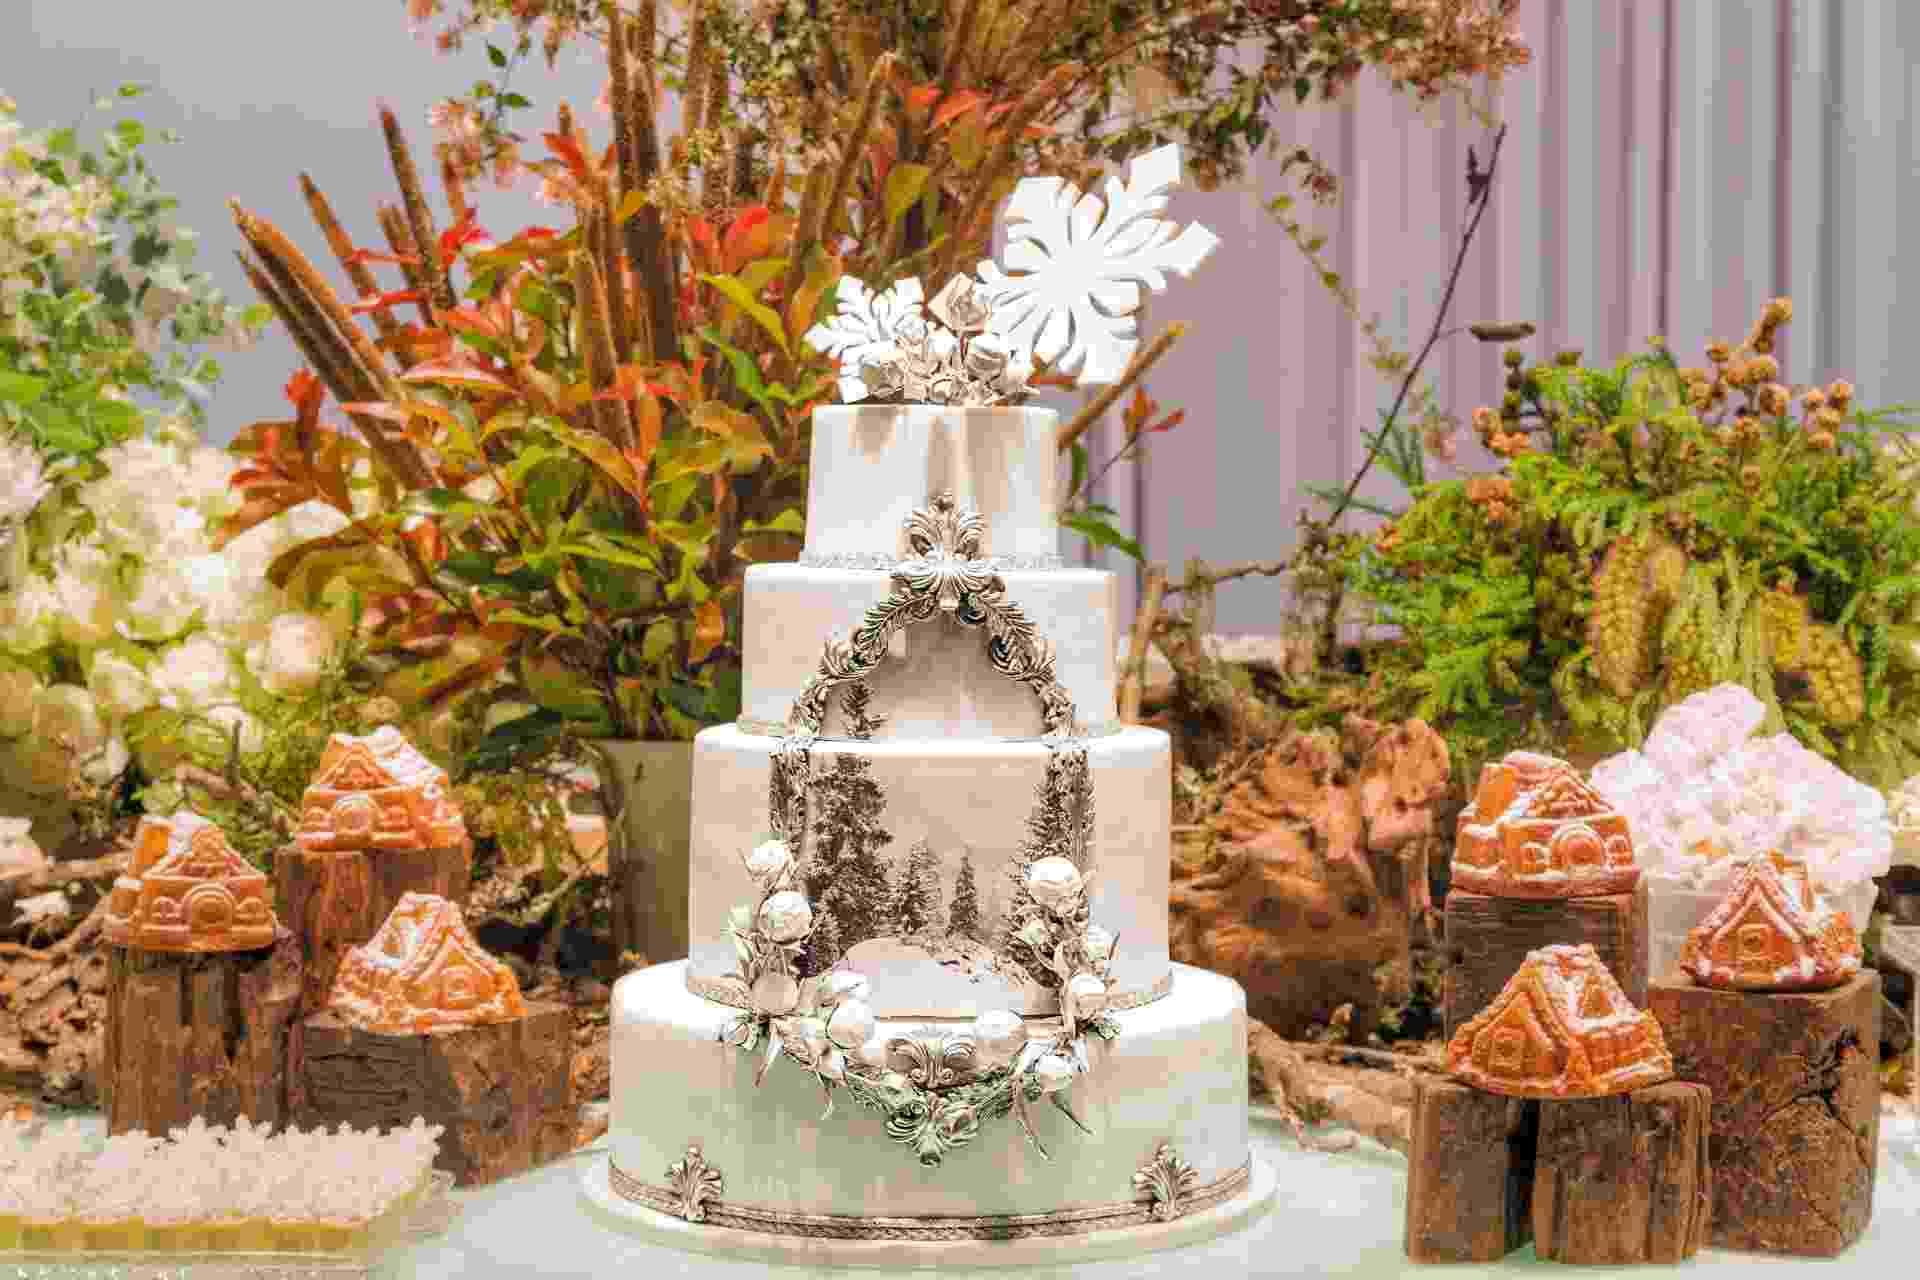 Para deixar a decoração mais elegante, o bolo, criado e executado pelo The King Cake (www.thekingcake.com.br), tinha uma impressão feita de papel de açúcar comestível com o desenho de uma moldura cm a imagem de uma floresta de neve - Divulgação